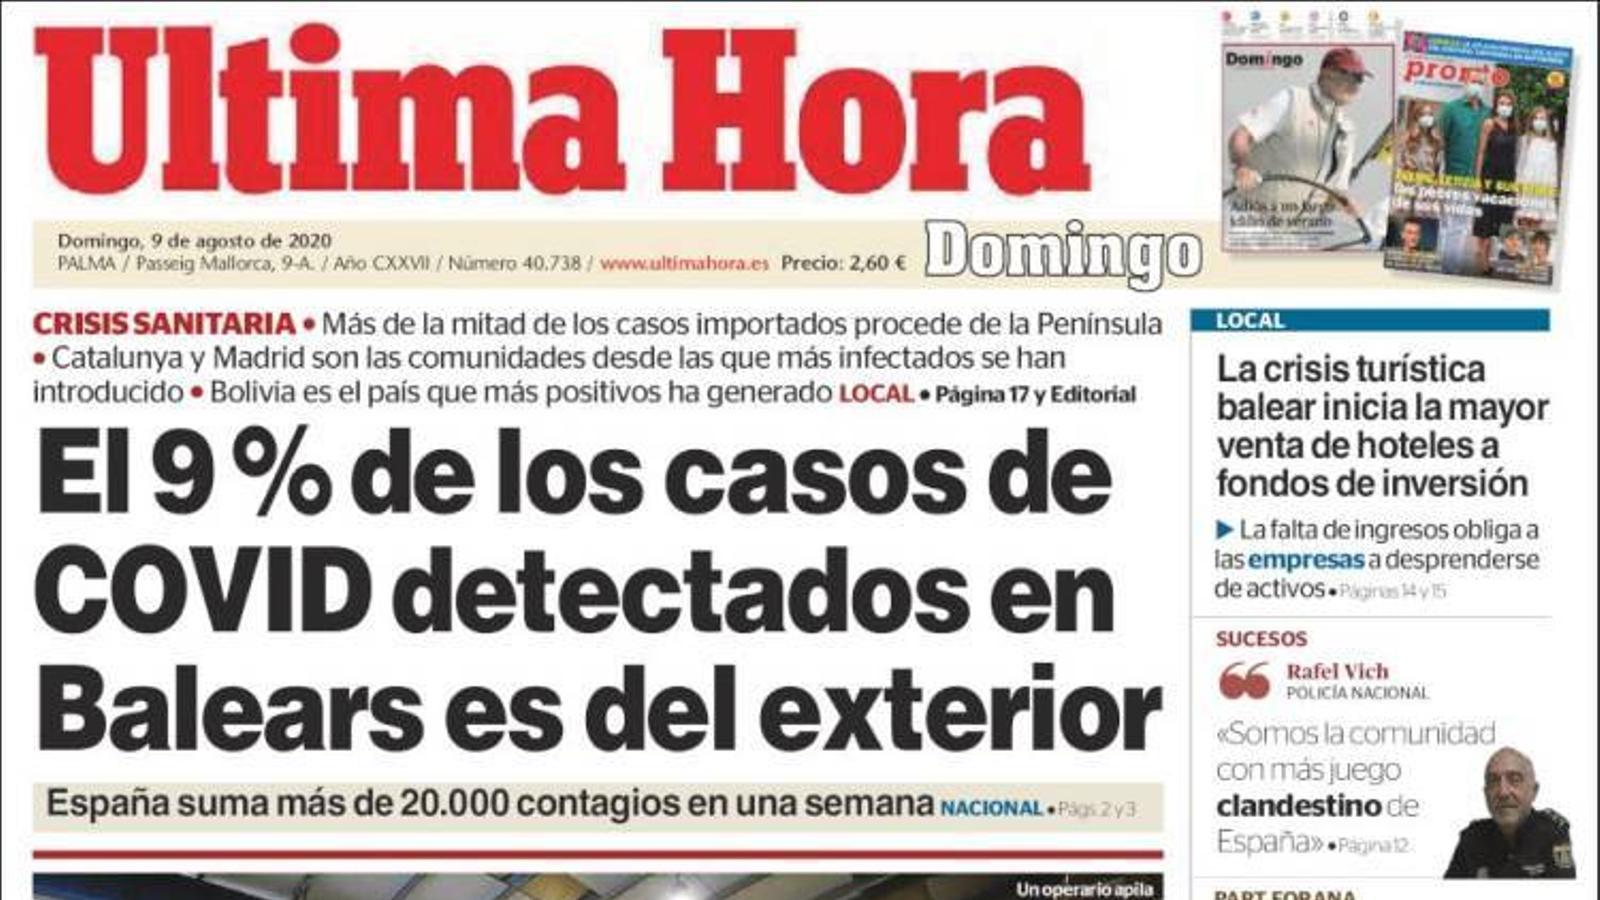 """""""Pablo Casado: «Felip VI és el millor cap d'estat que pot tenir Espanya i el defensarem»"""", portada de l''Abc'"""